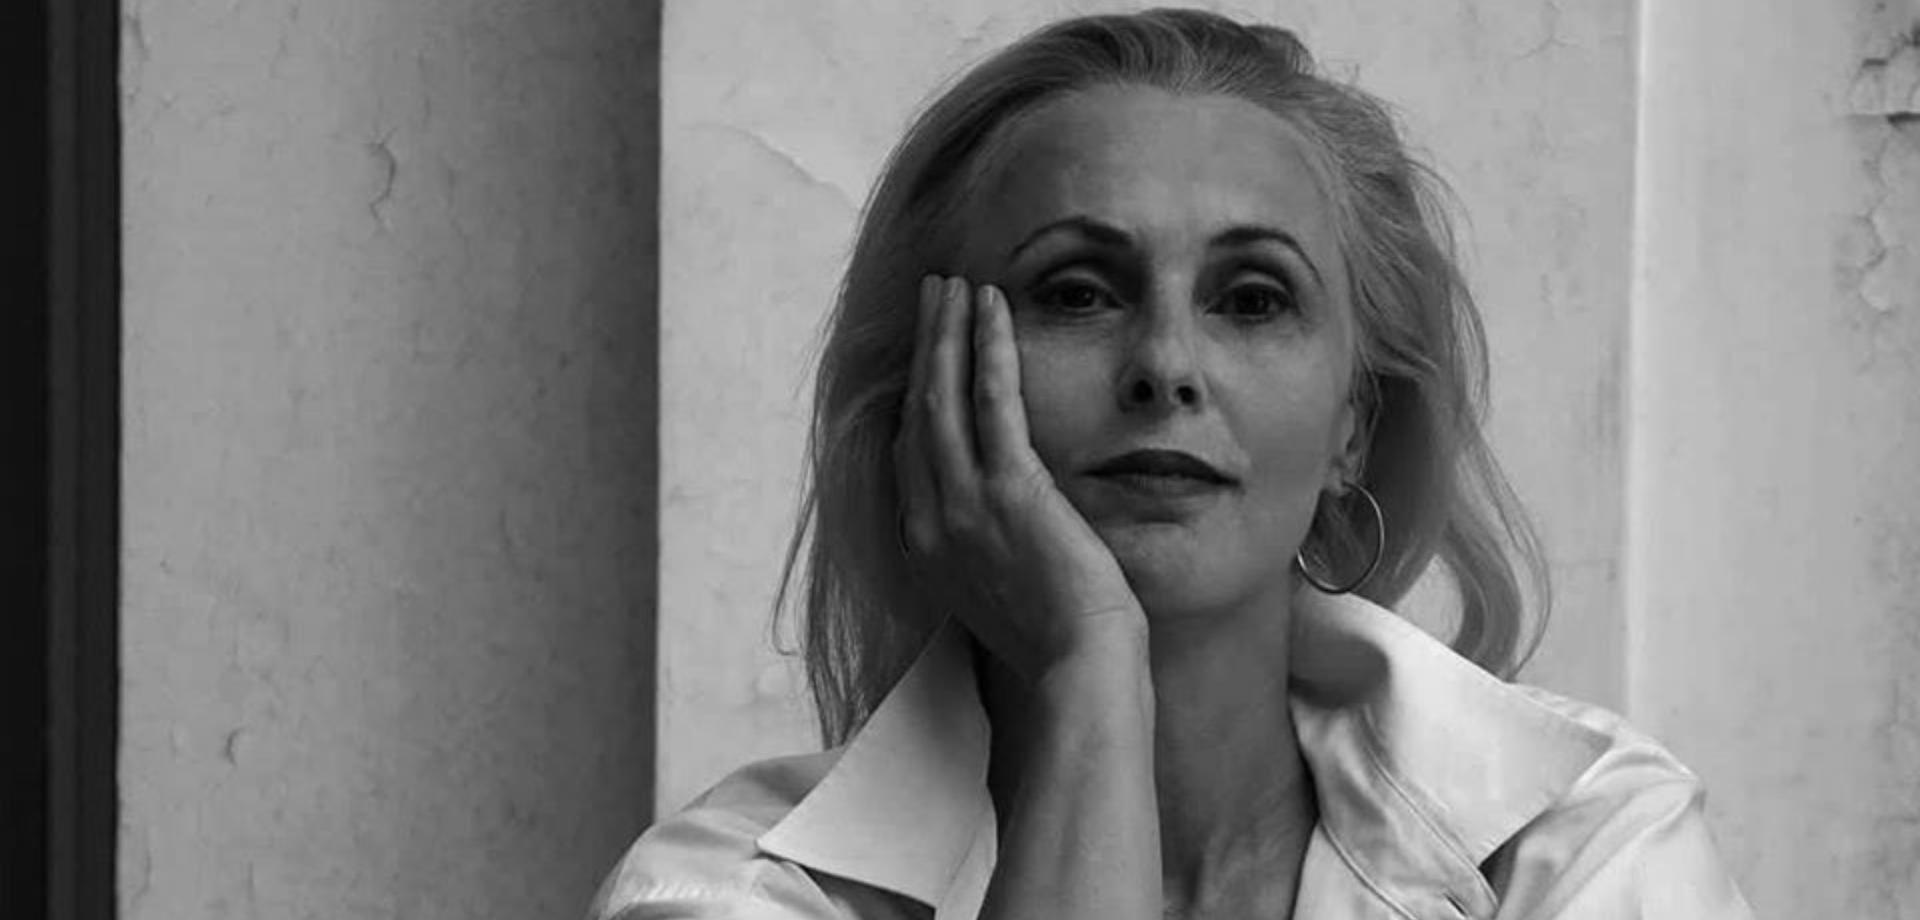 Παρθενόπη Μπουζούρη: Ο ξαφνικός θάνατος του θεάτρου σε όλο τον κόσμο